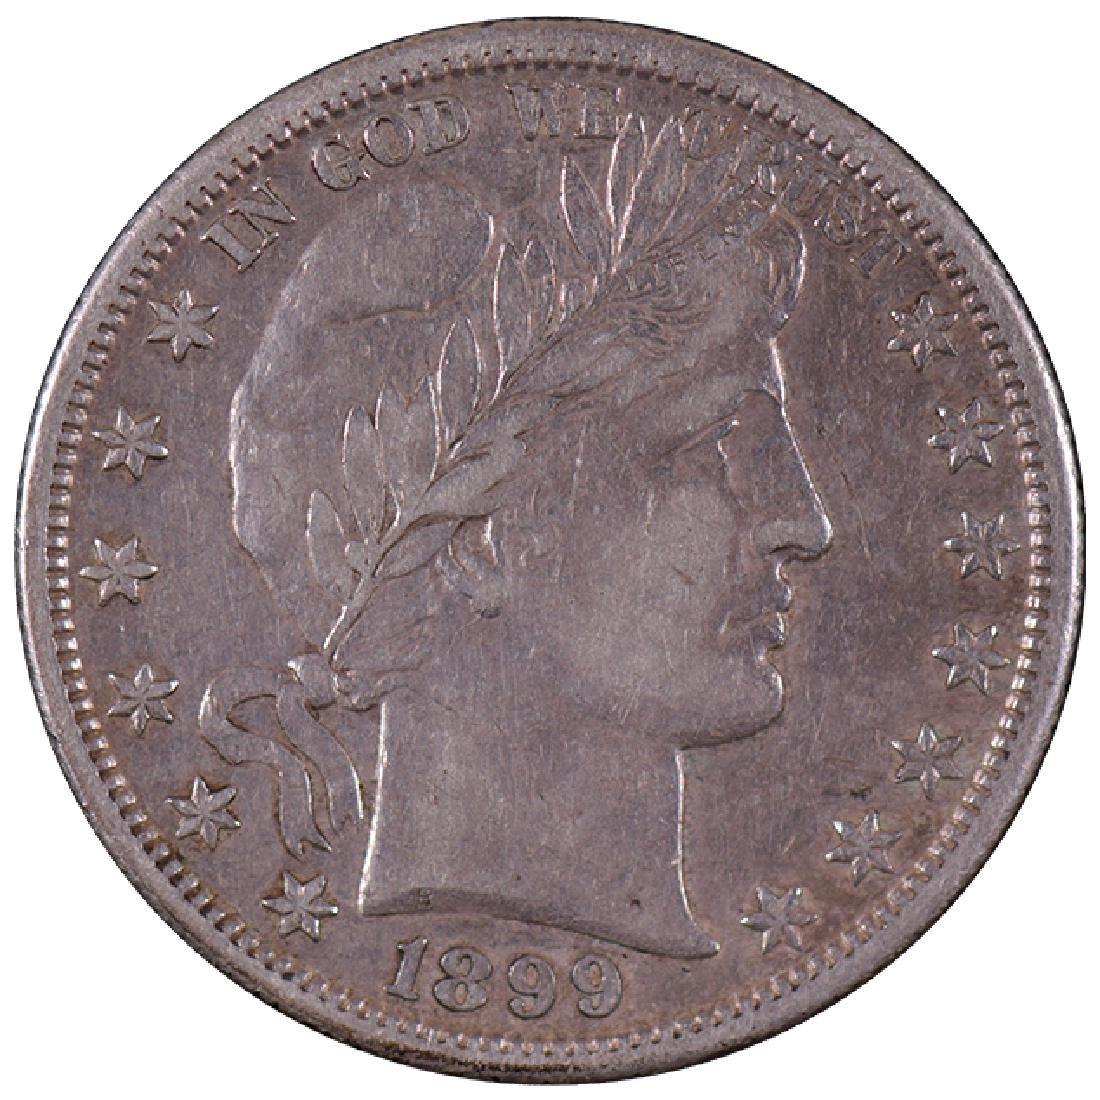 1899-S Barber Half Dollar Coin